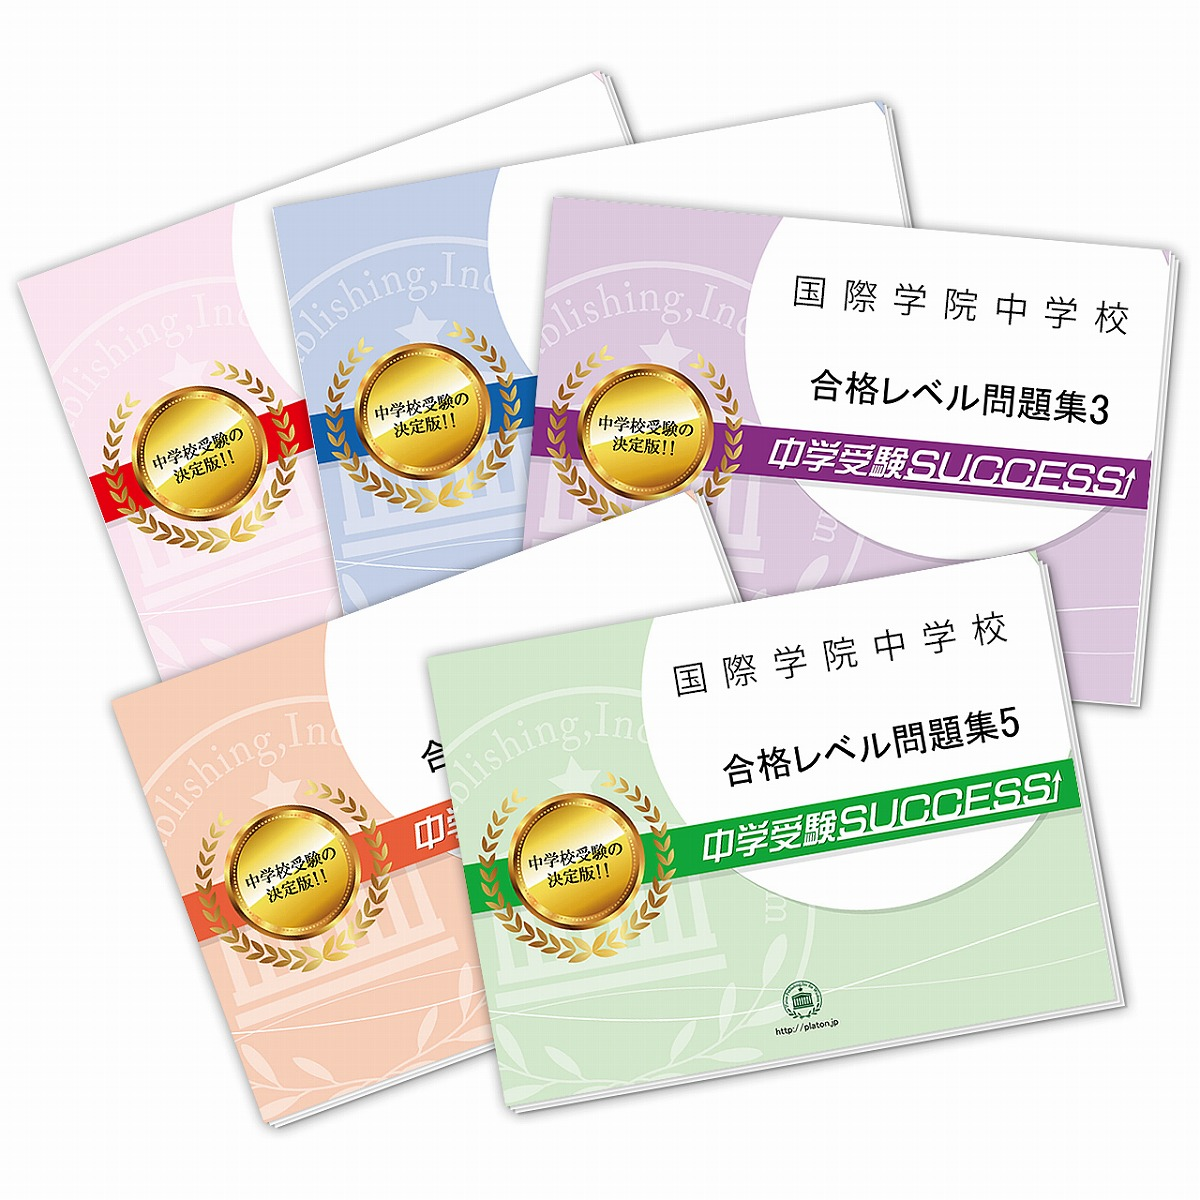 【送料・代引手数料無料】国際学院中学校・直前対策合格セット(5冊)